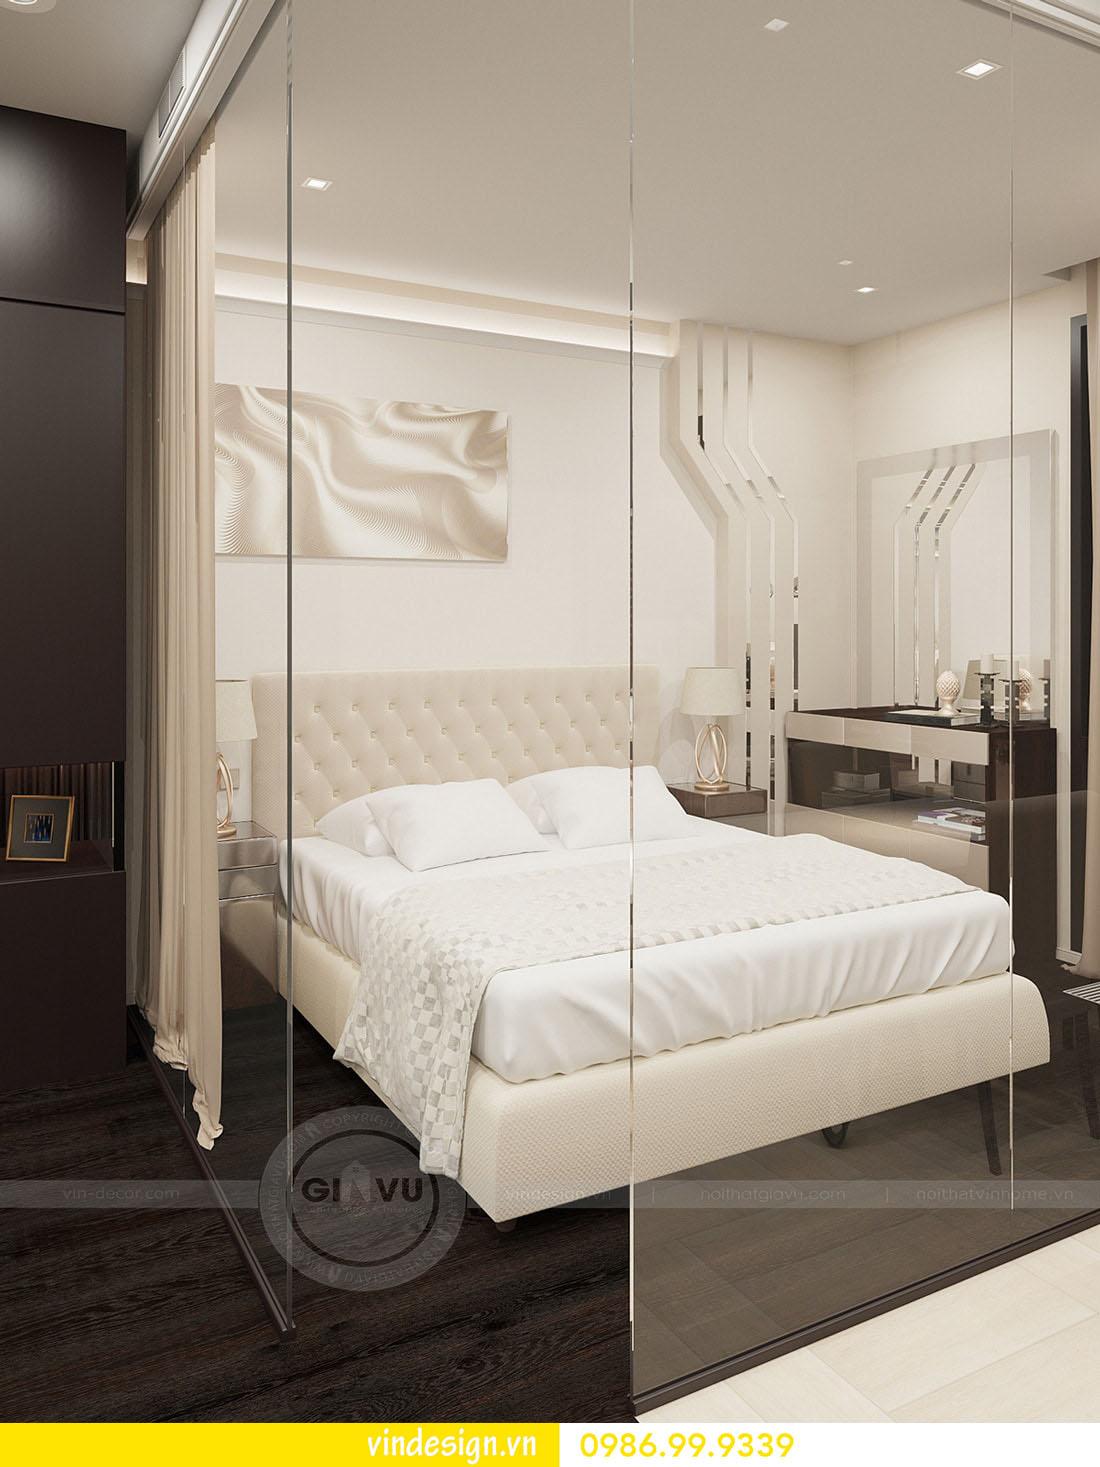 thiết kế nội thất chung cư metropolis phong cách hiện đại 08